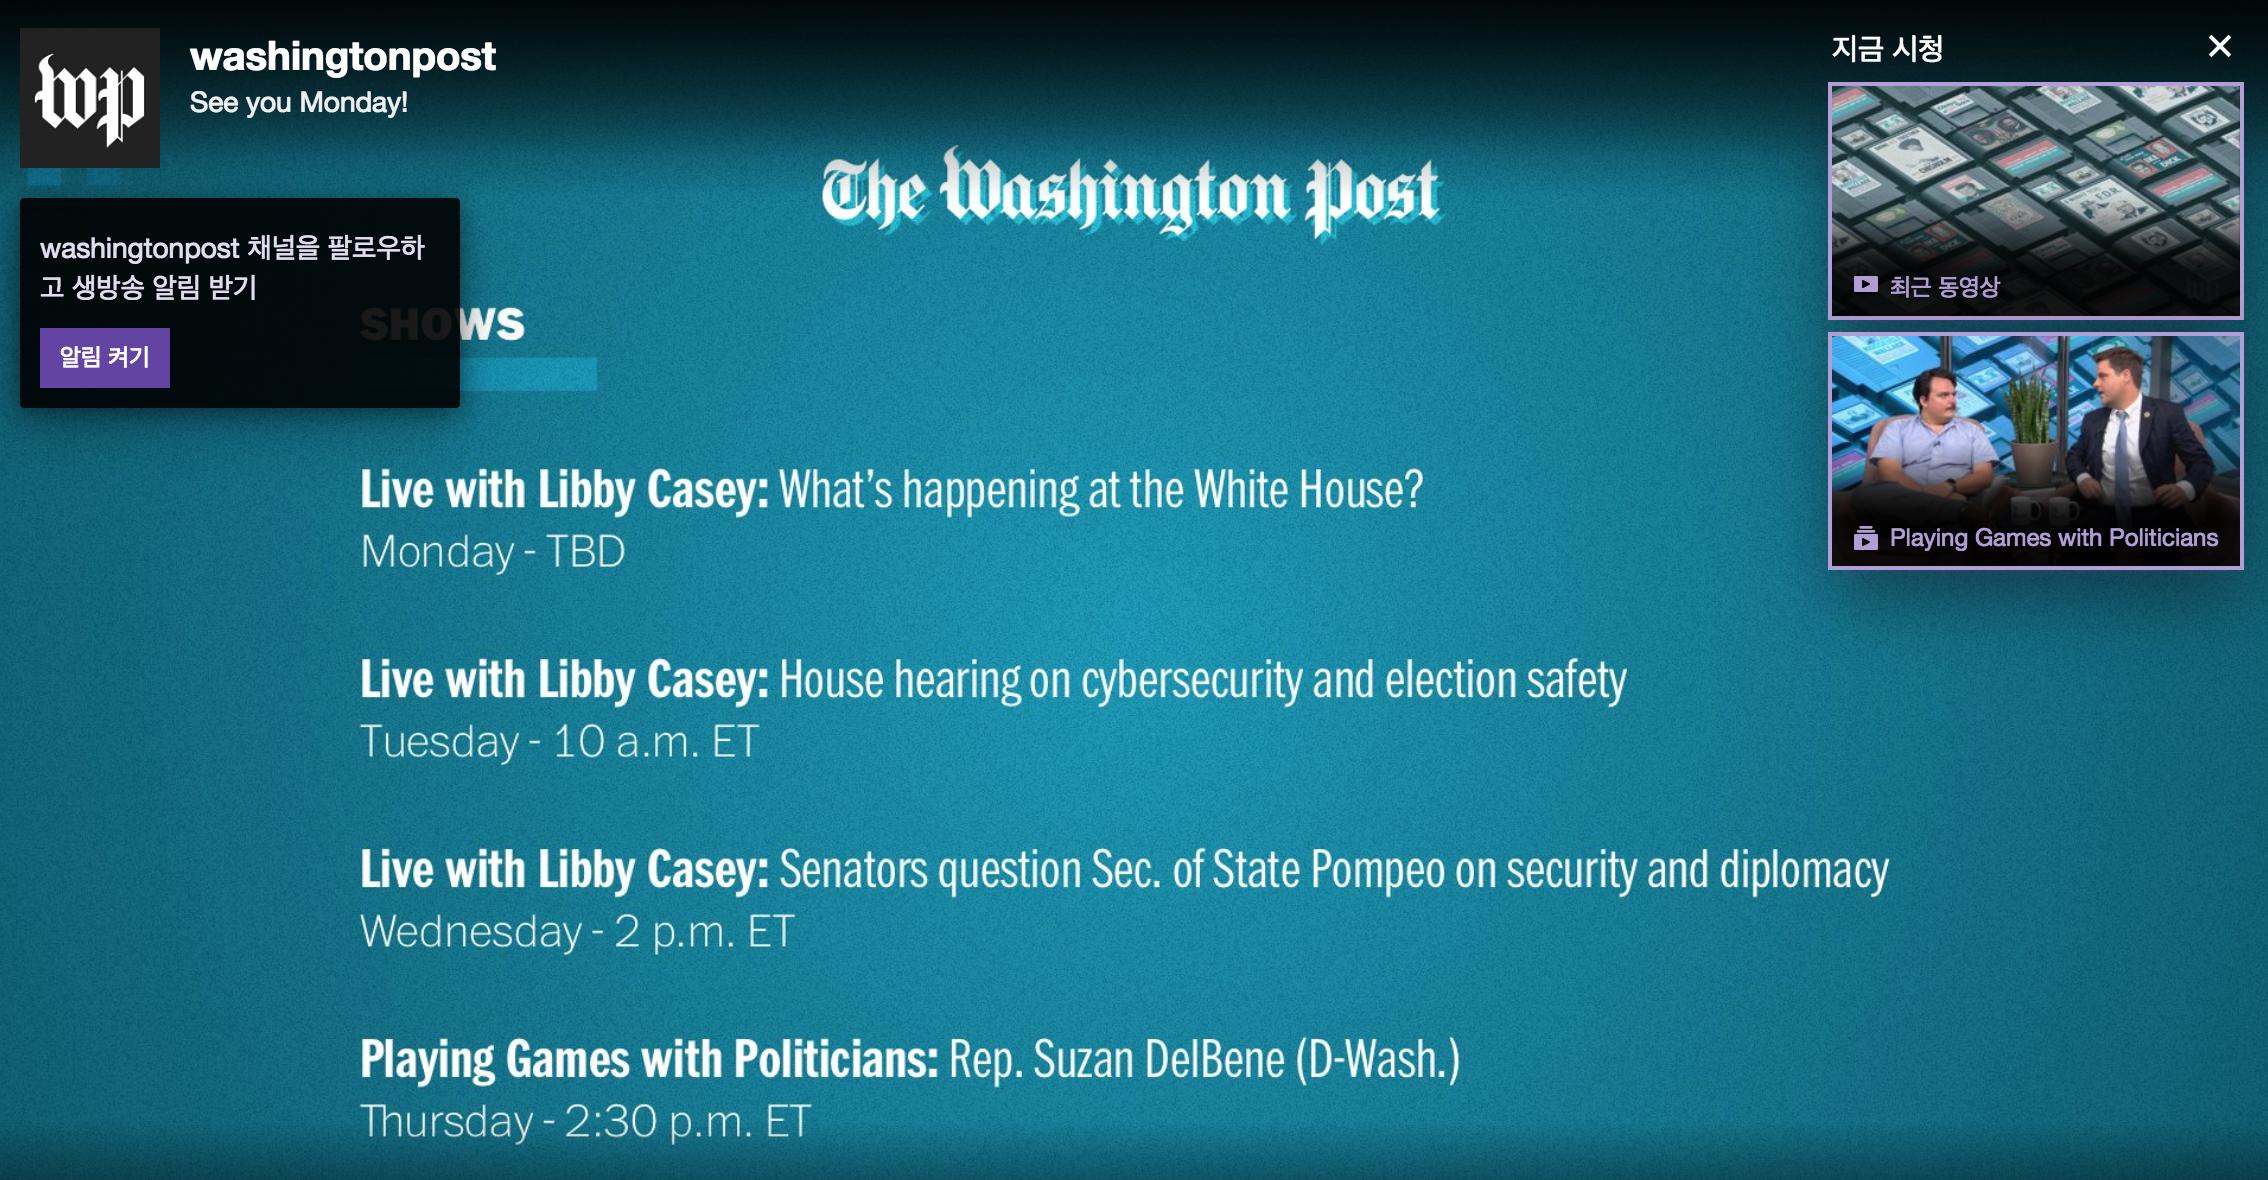 [이슈] 트위치, 워싱턴 포스트를 품다 - 혹은 워싱...